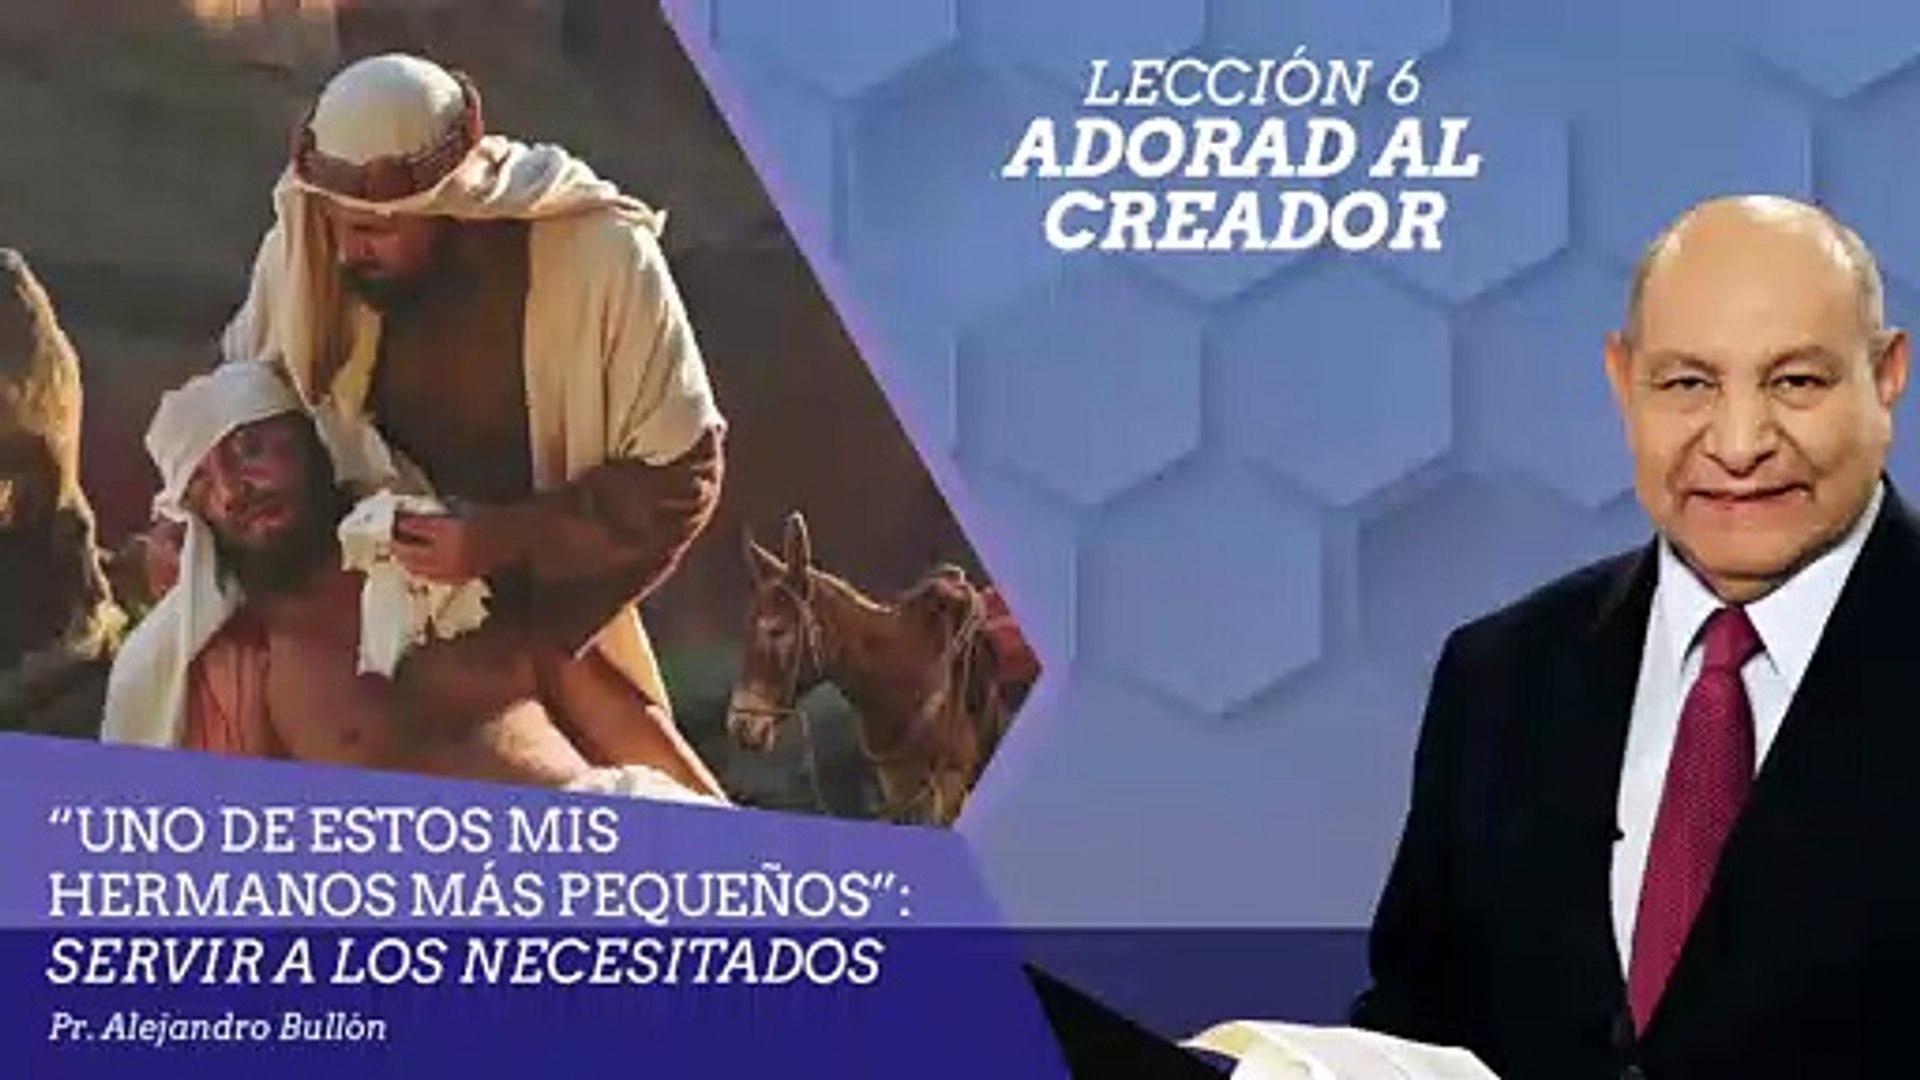 Lección 6: Adorar al creador - Ptr. Alejandro Bullón